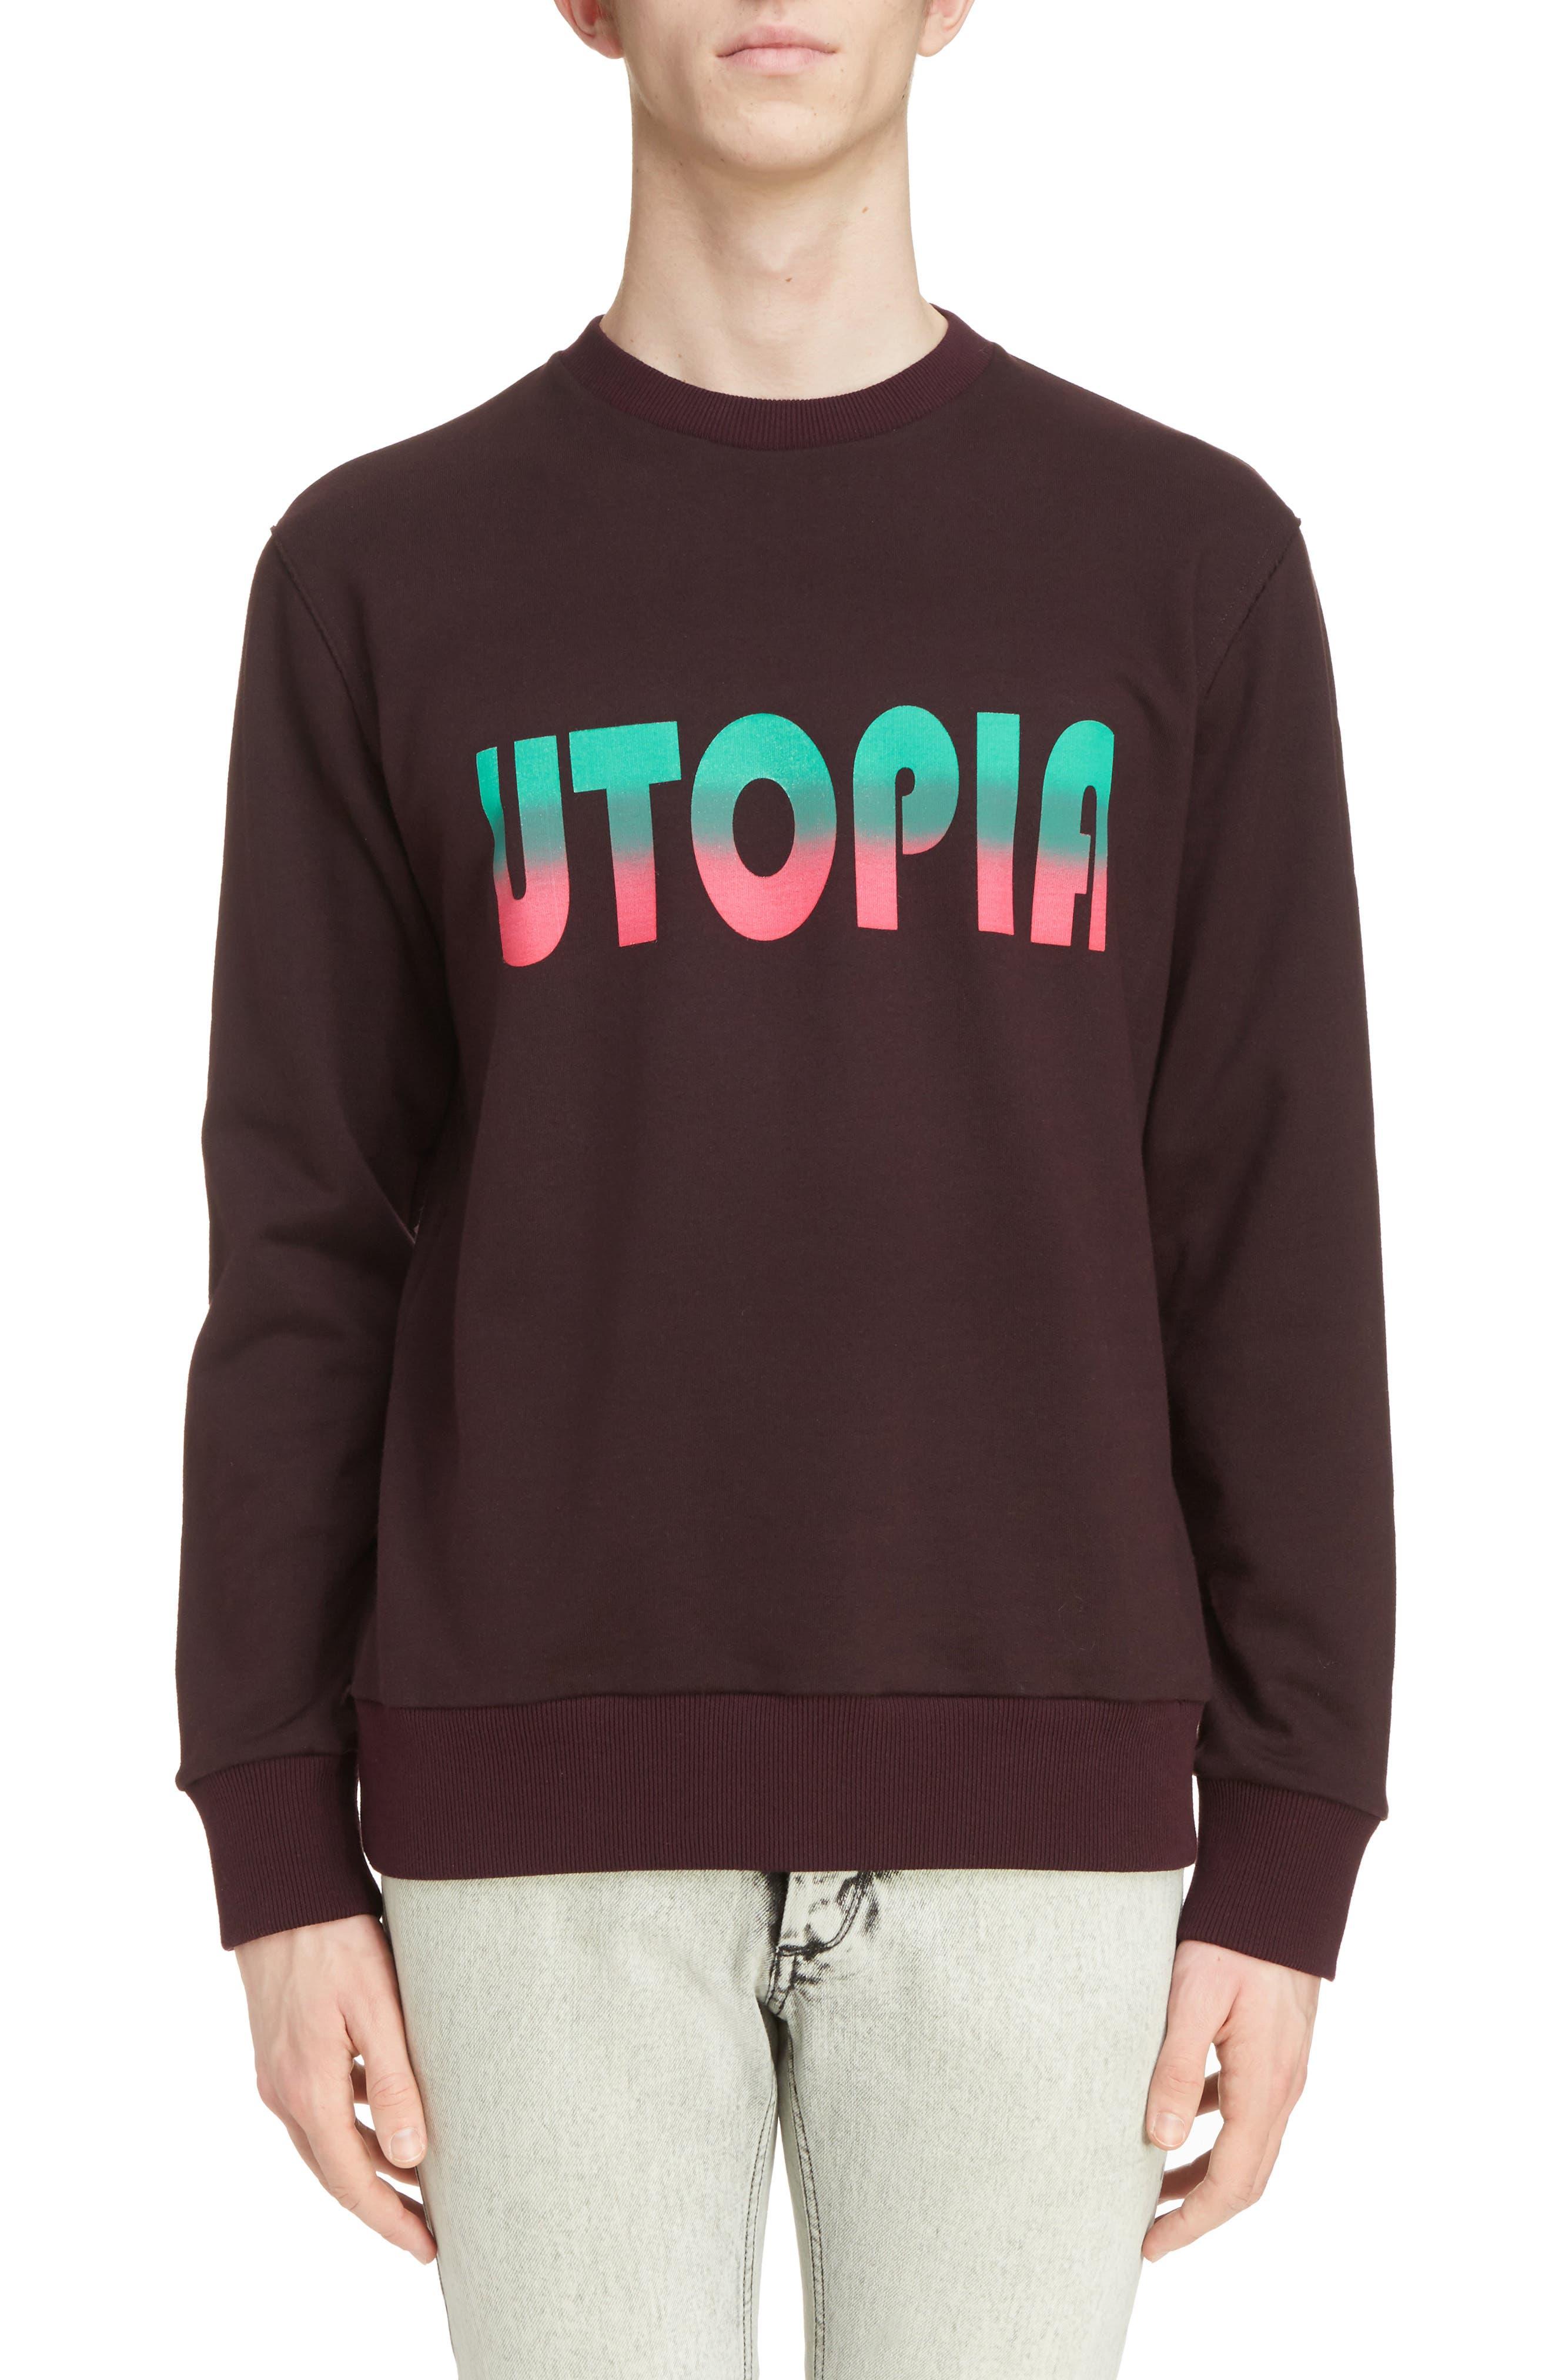 Utopia Graphic Crewneck Sweatshirt,                         Main,                         color, 930